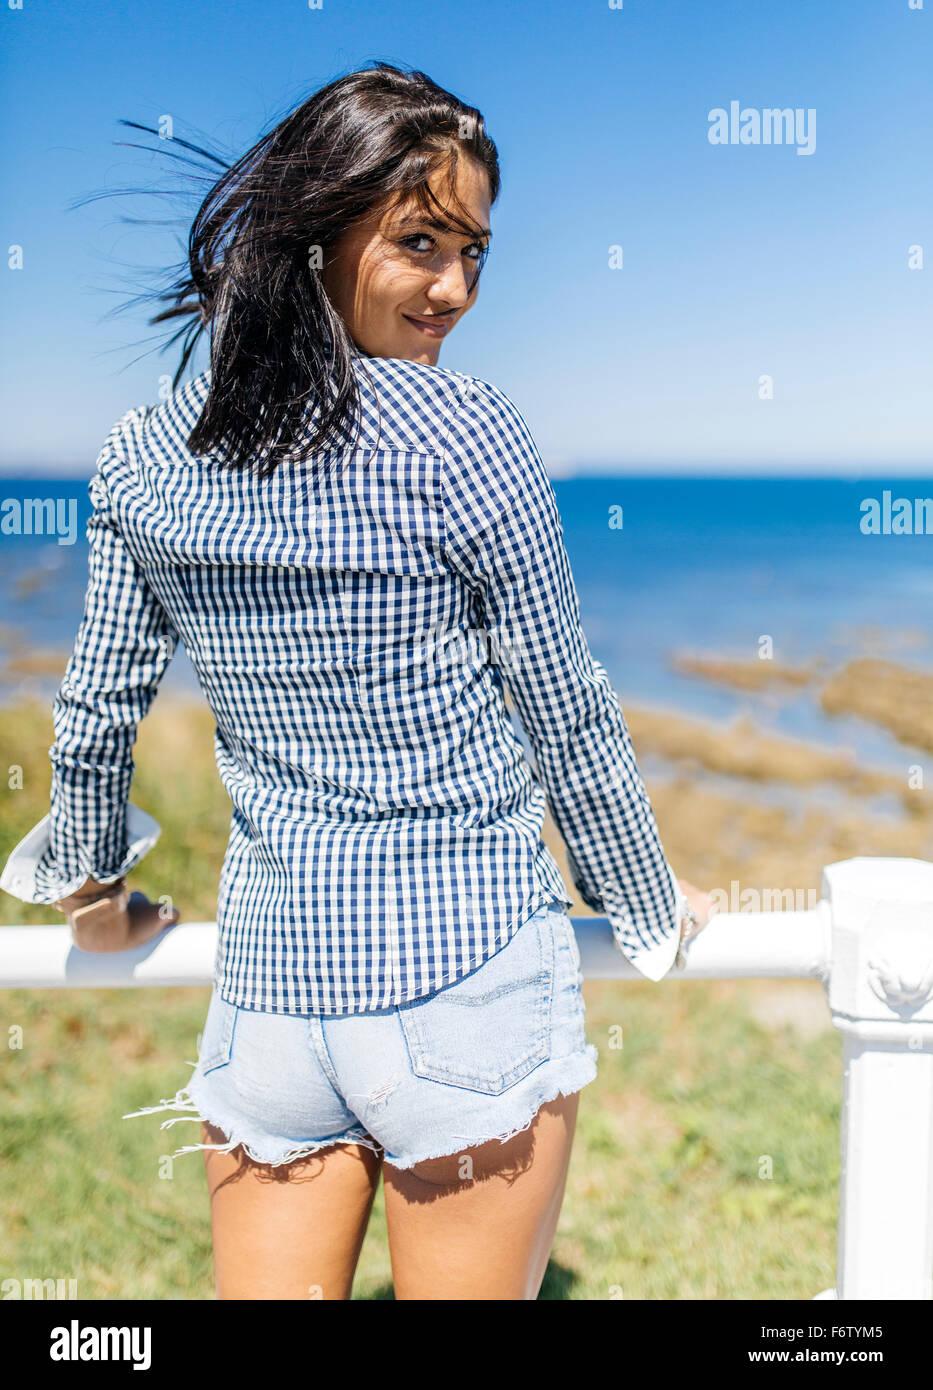 Spagna Gijon, attraente ragazza adolescente presso la costa Immagini Stock